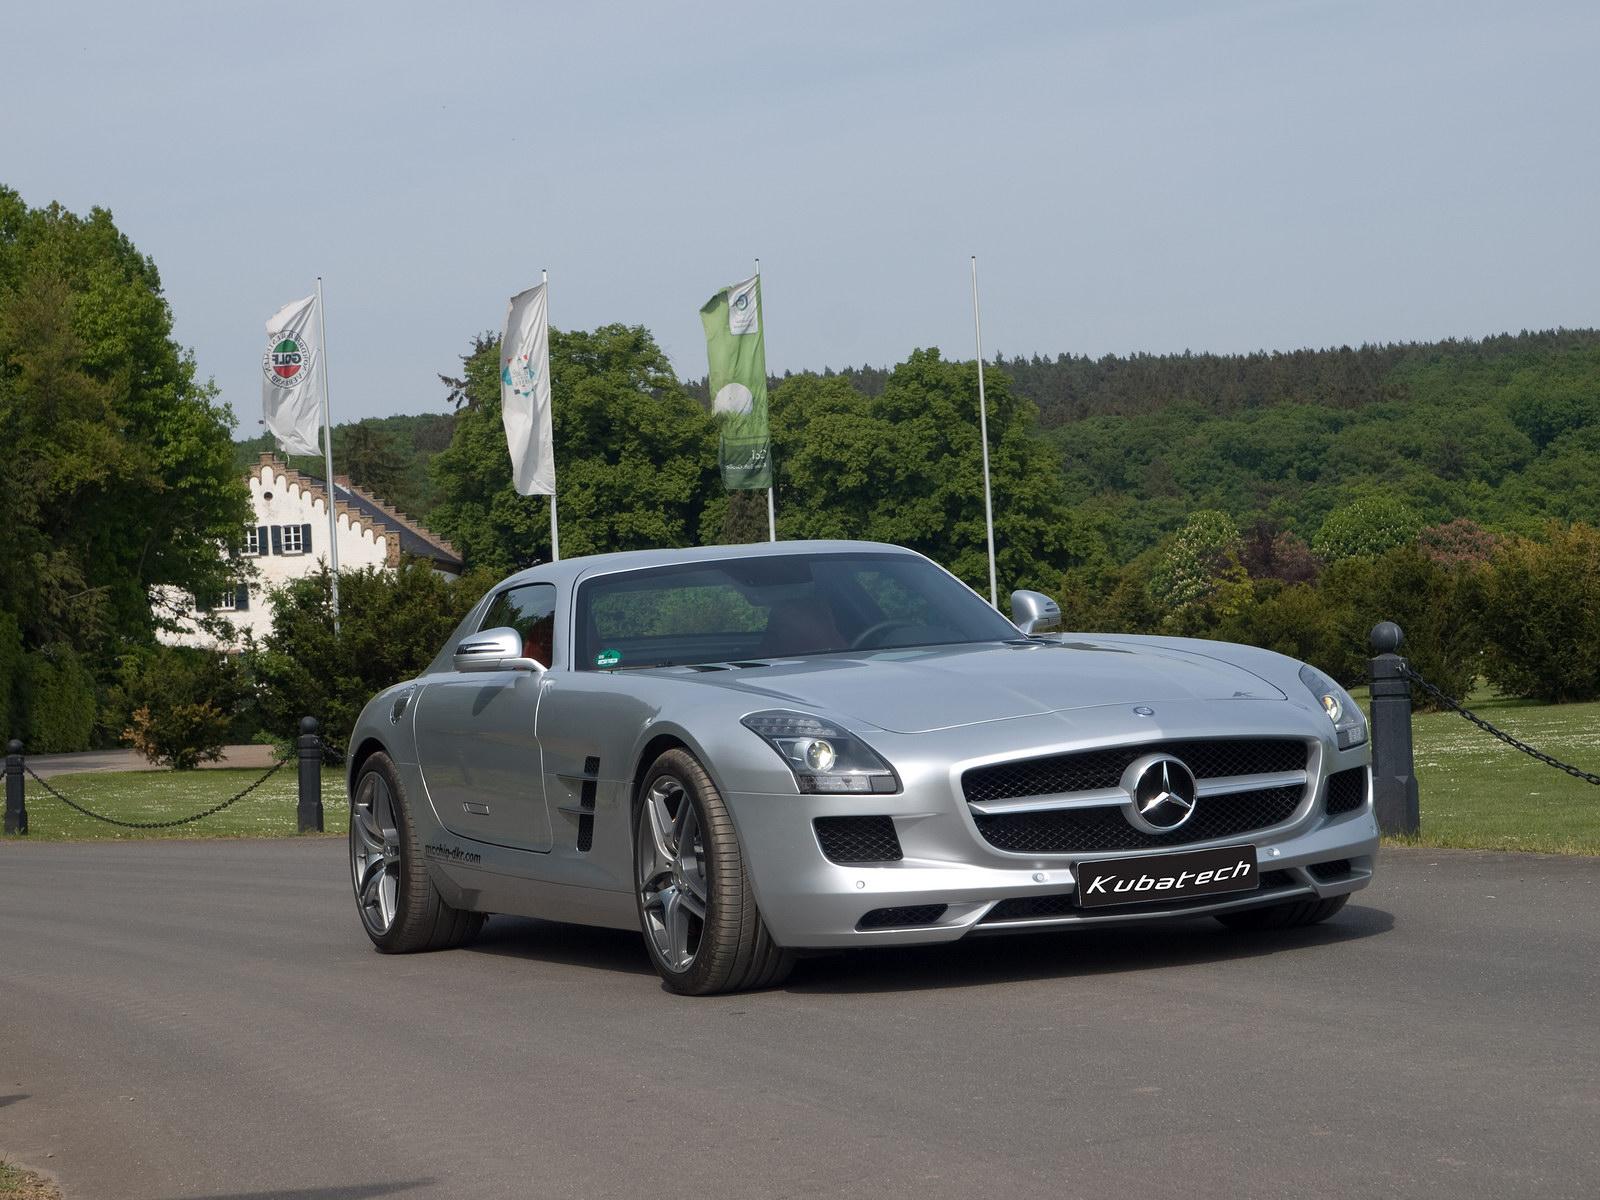 Kubatech dodal Mercedesu SLS AMG větší výkon 7